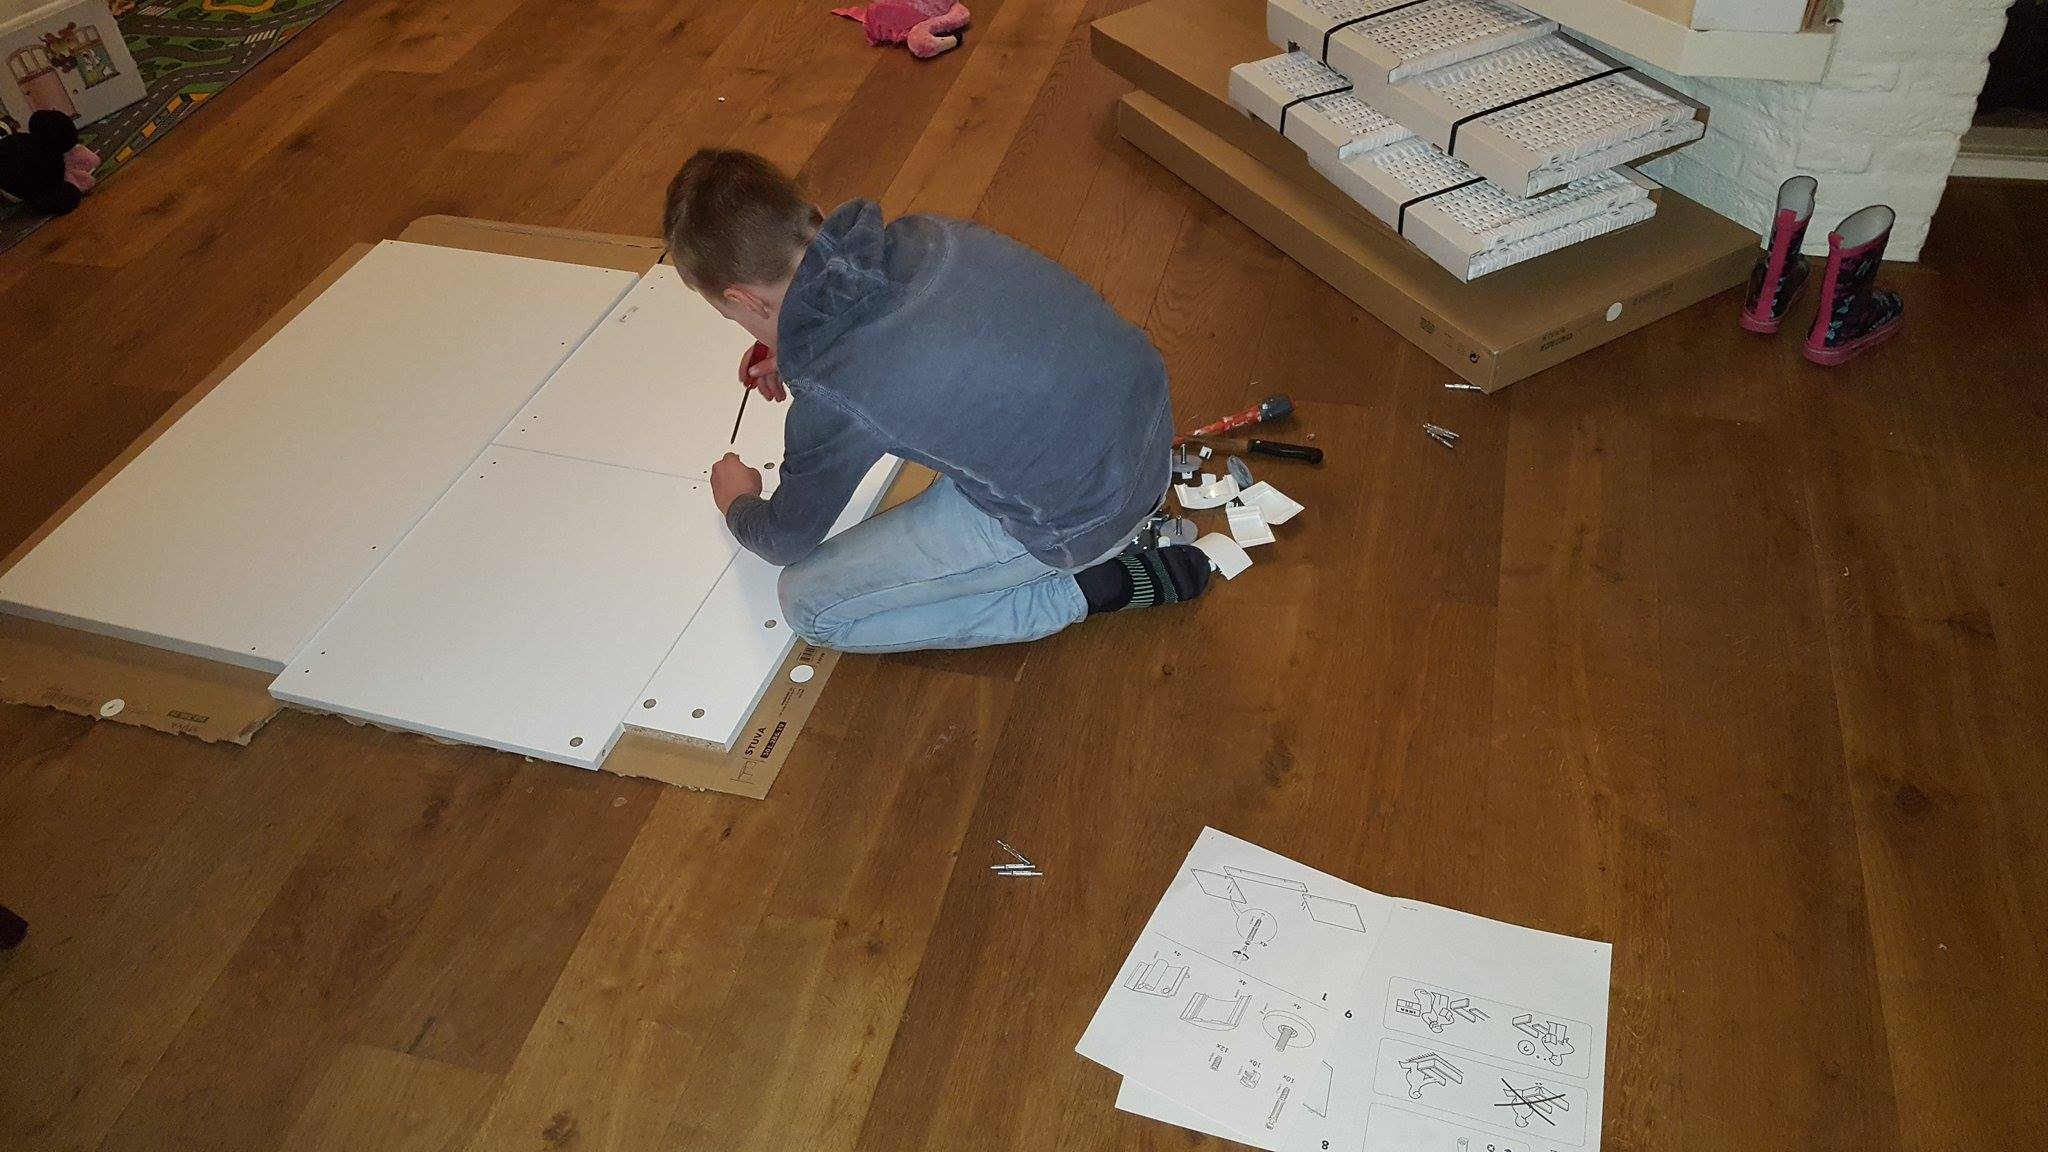 Ikea kast in elkaar zetten Lisette Schrijft